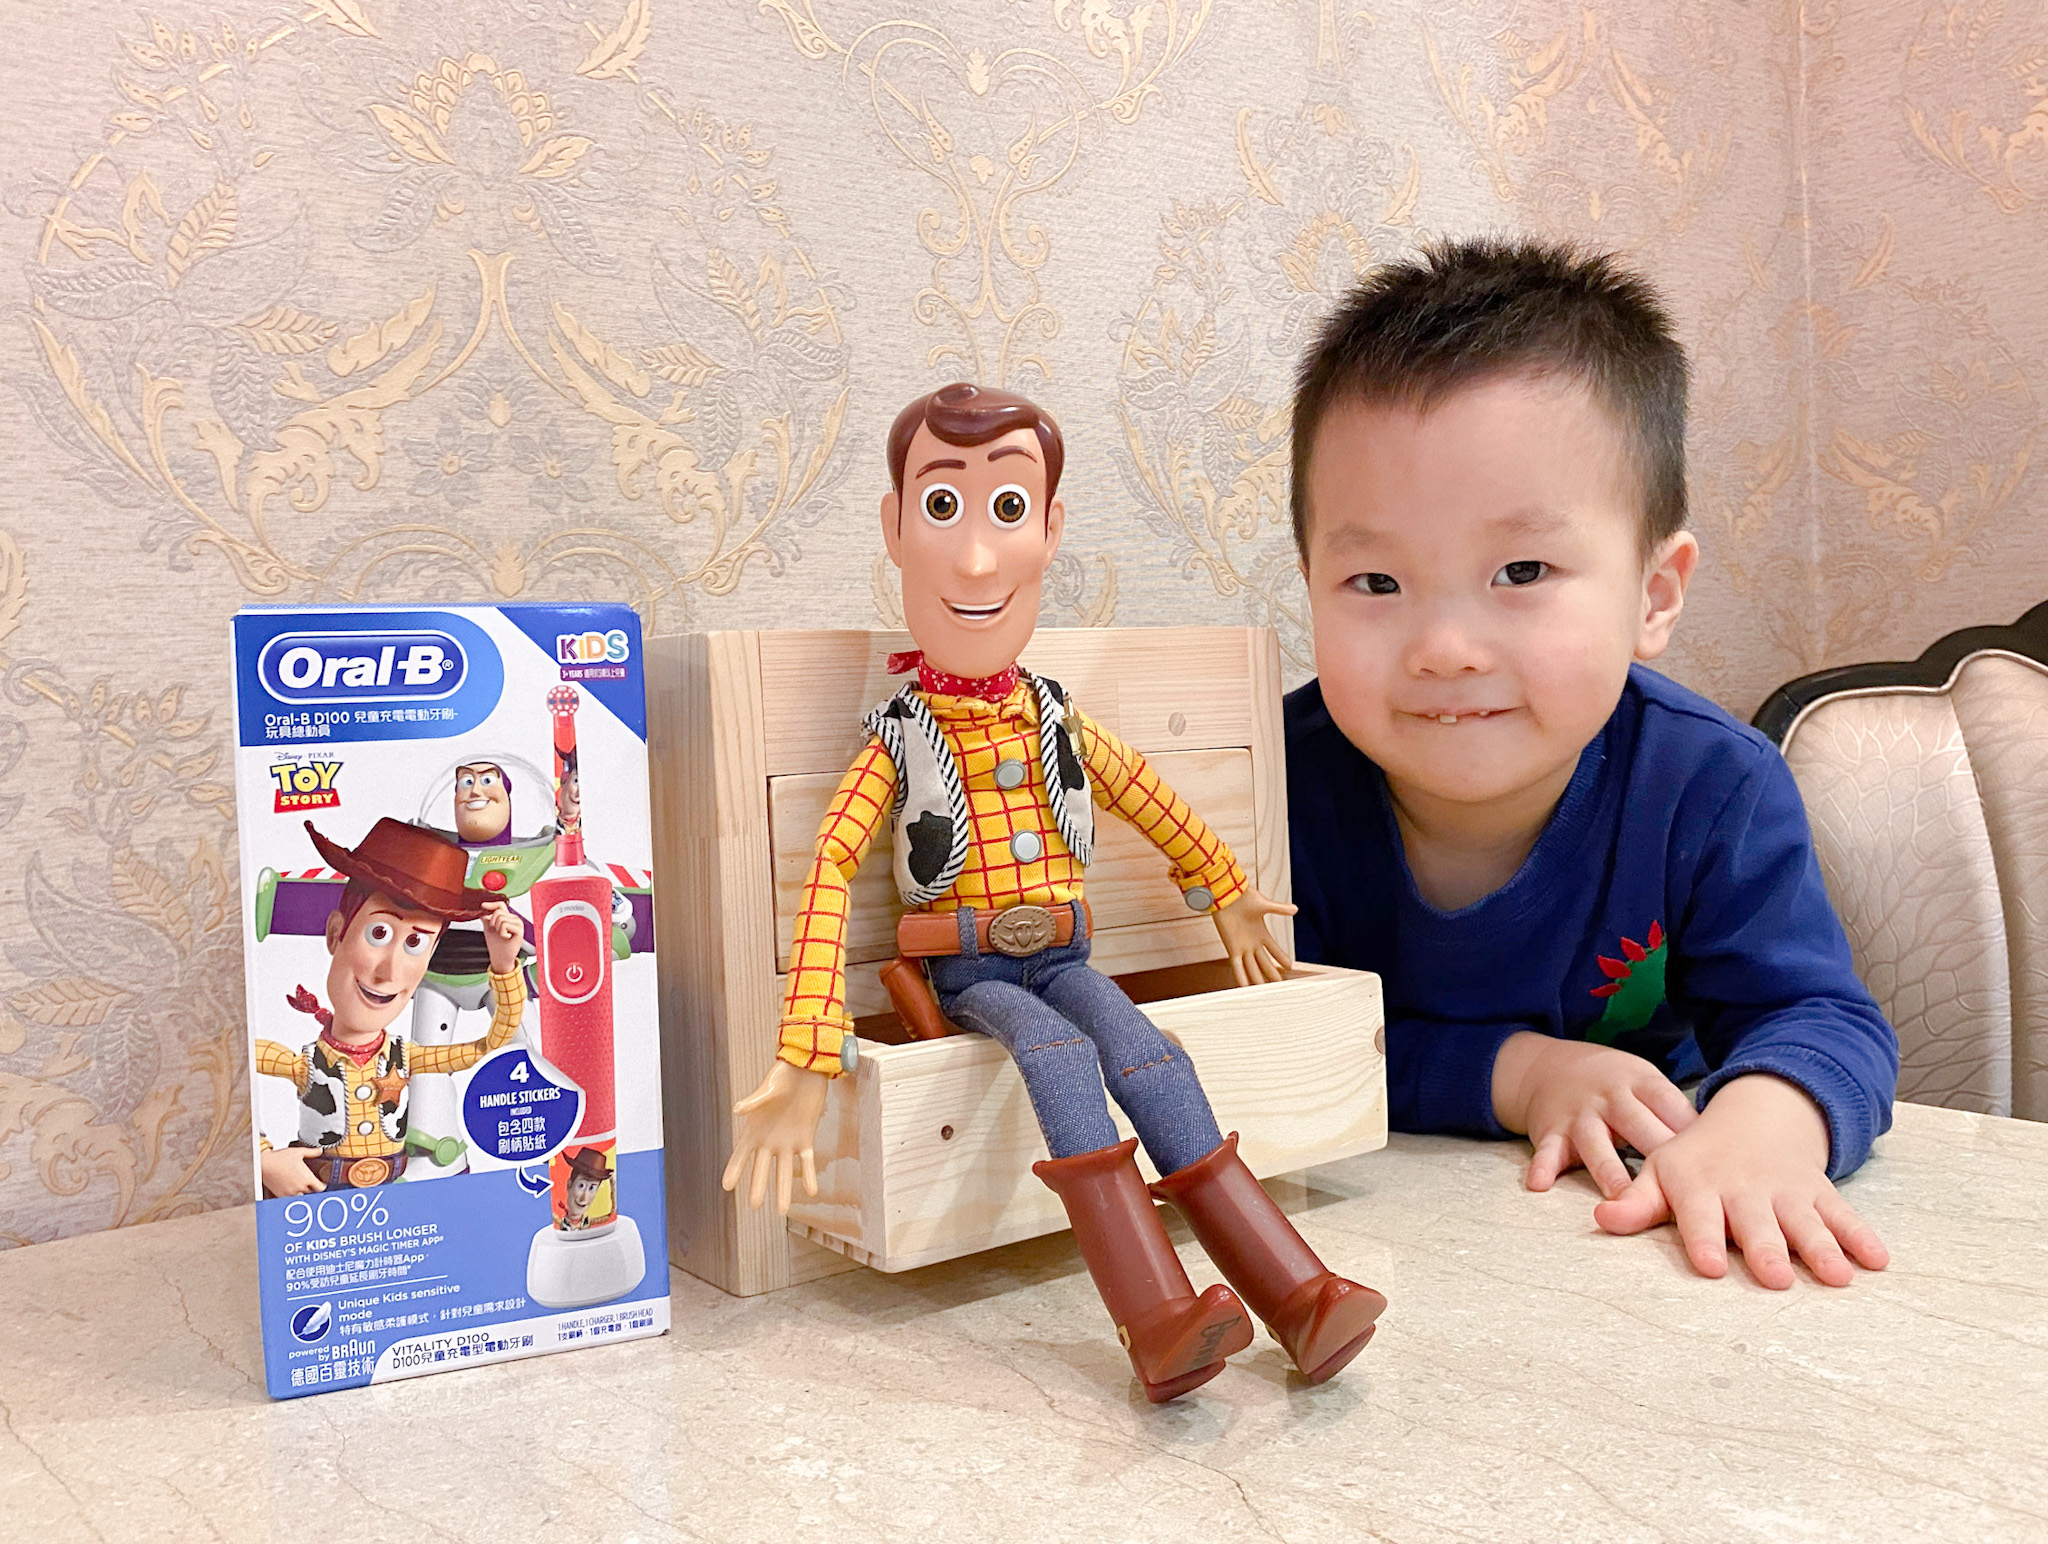 德國百靈Oral-B 讓孩子愛上刷牙!玩具總動員款 充電式兒童電動牙刷D100-KIDS